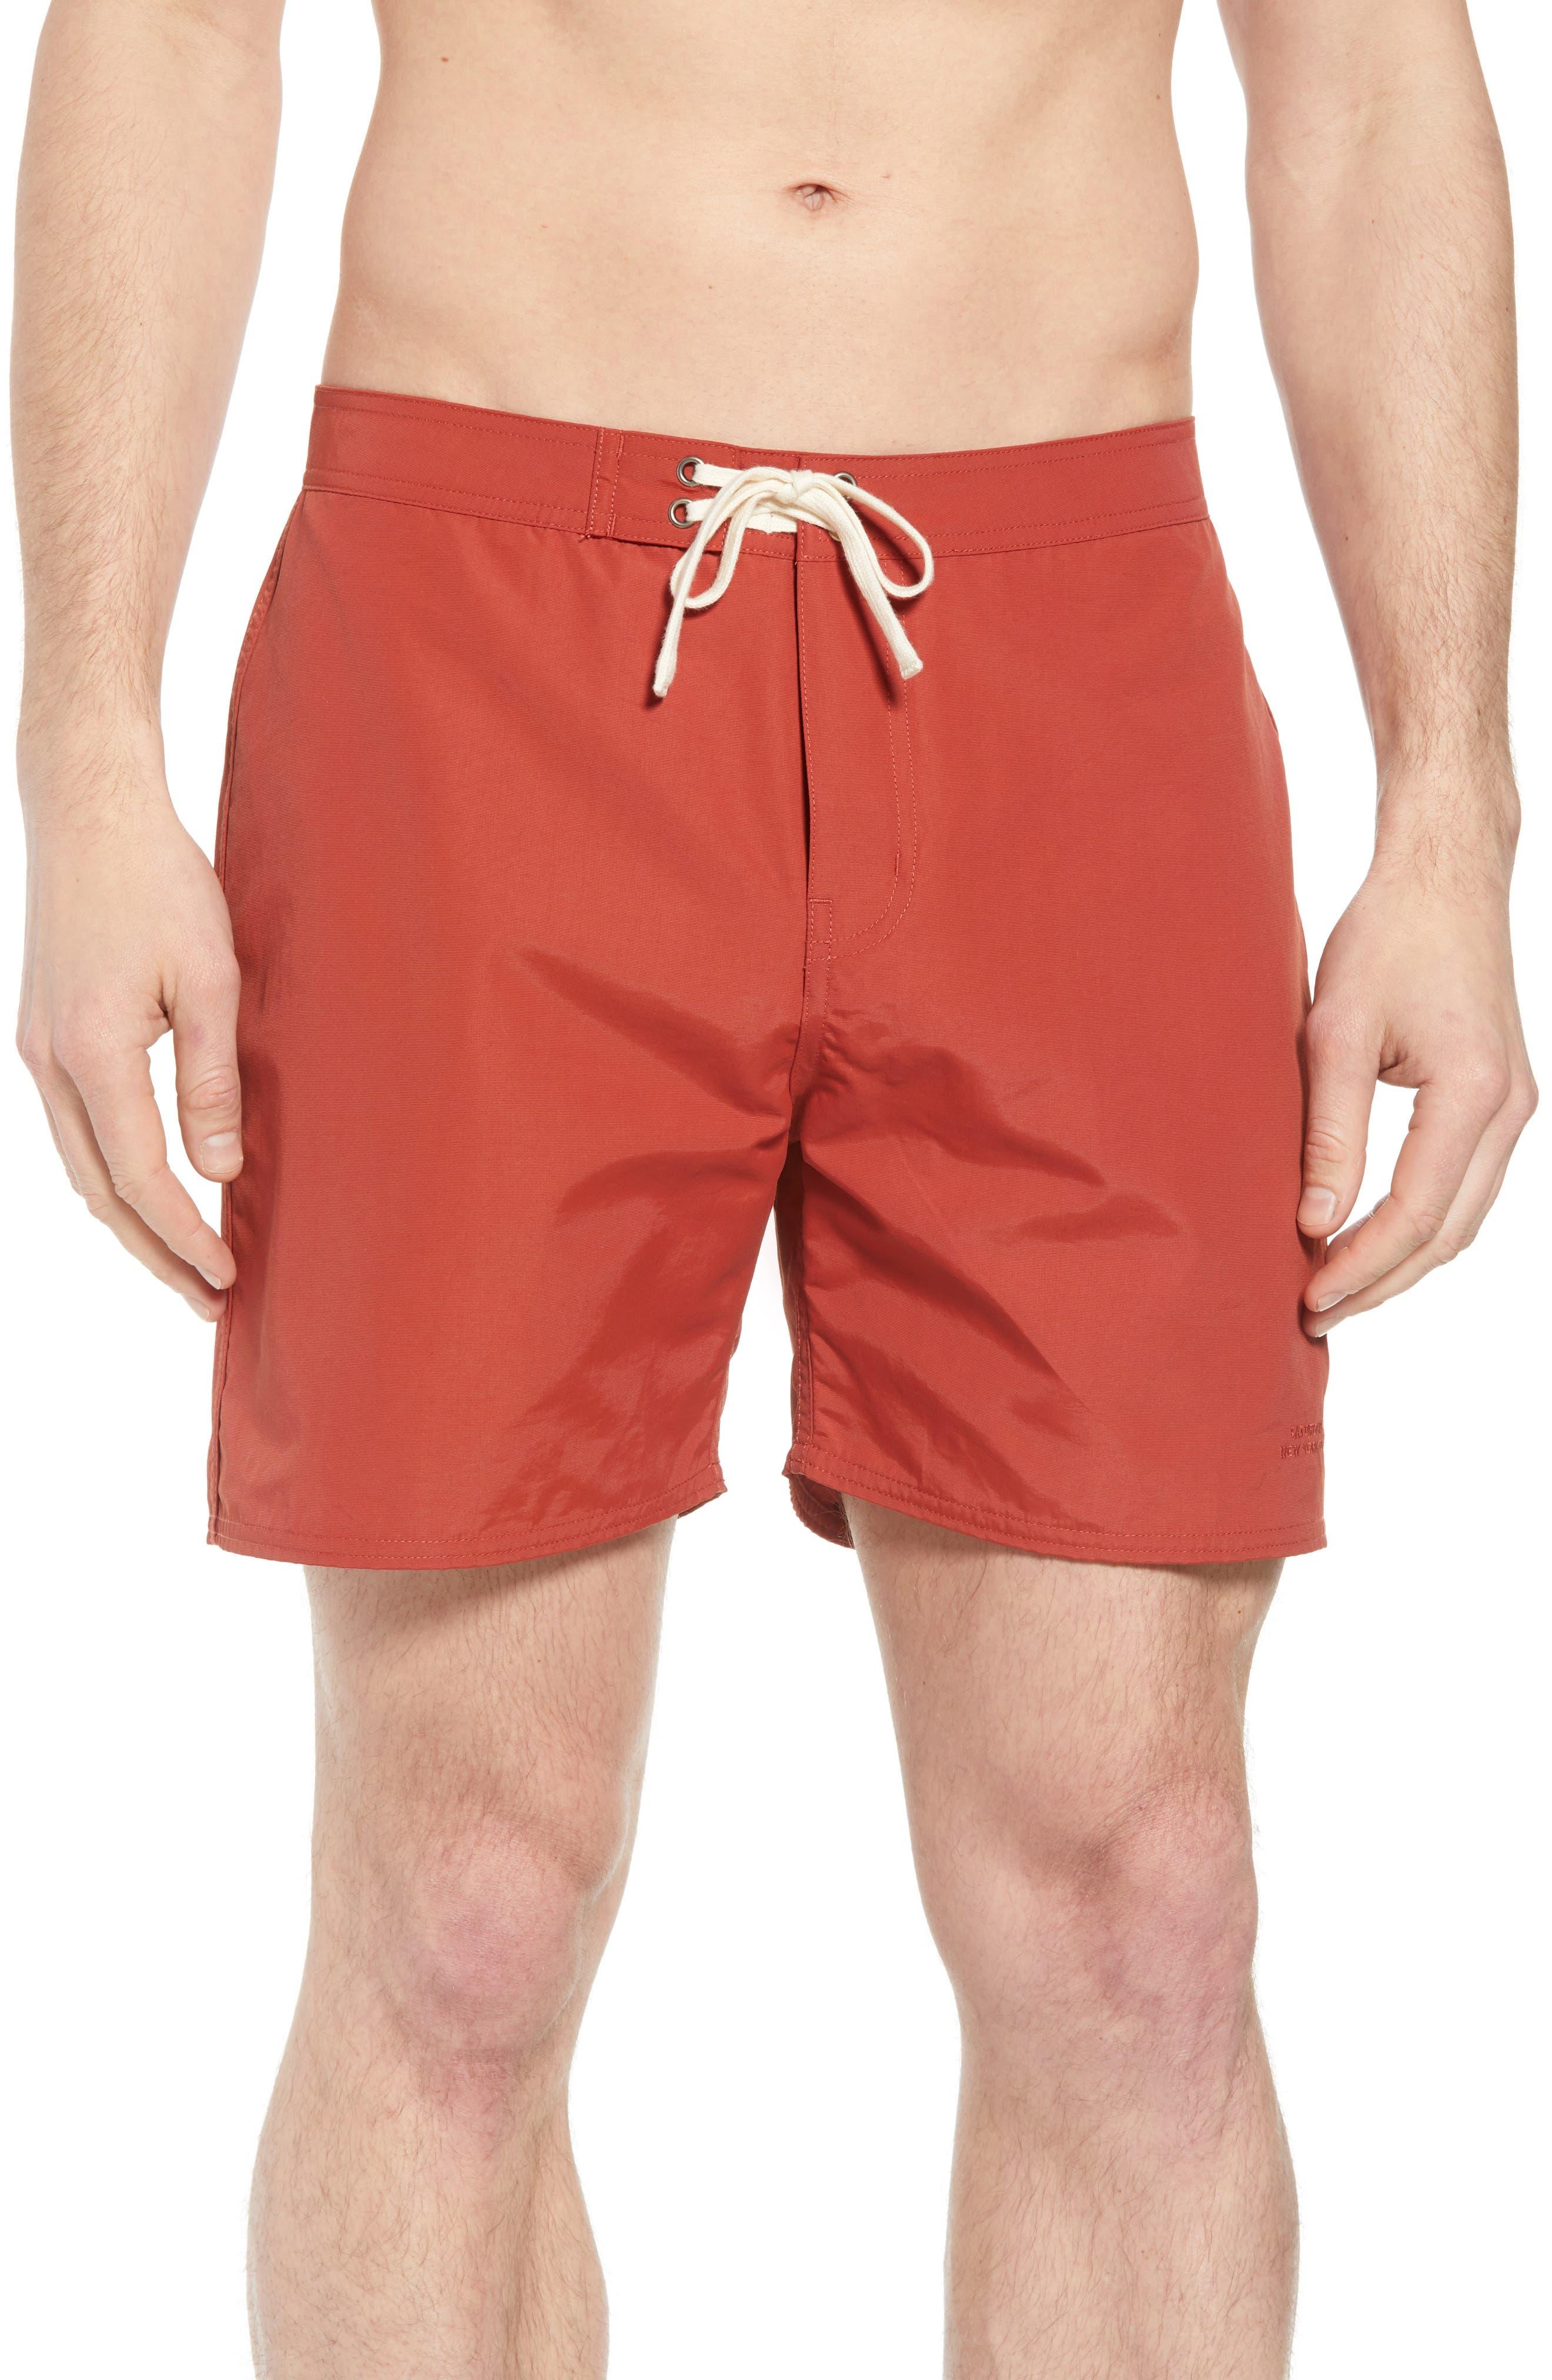 Colin Board Shorts,                             Main thumbnail 1, color,                             Brick